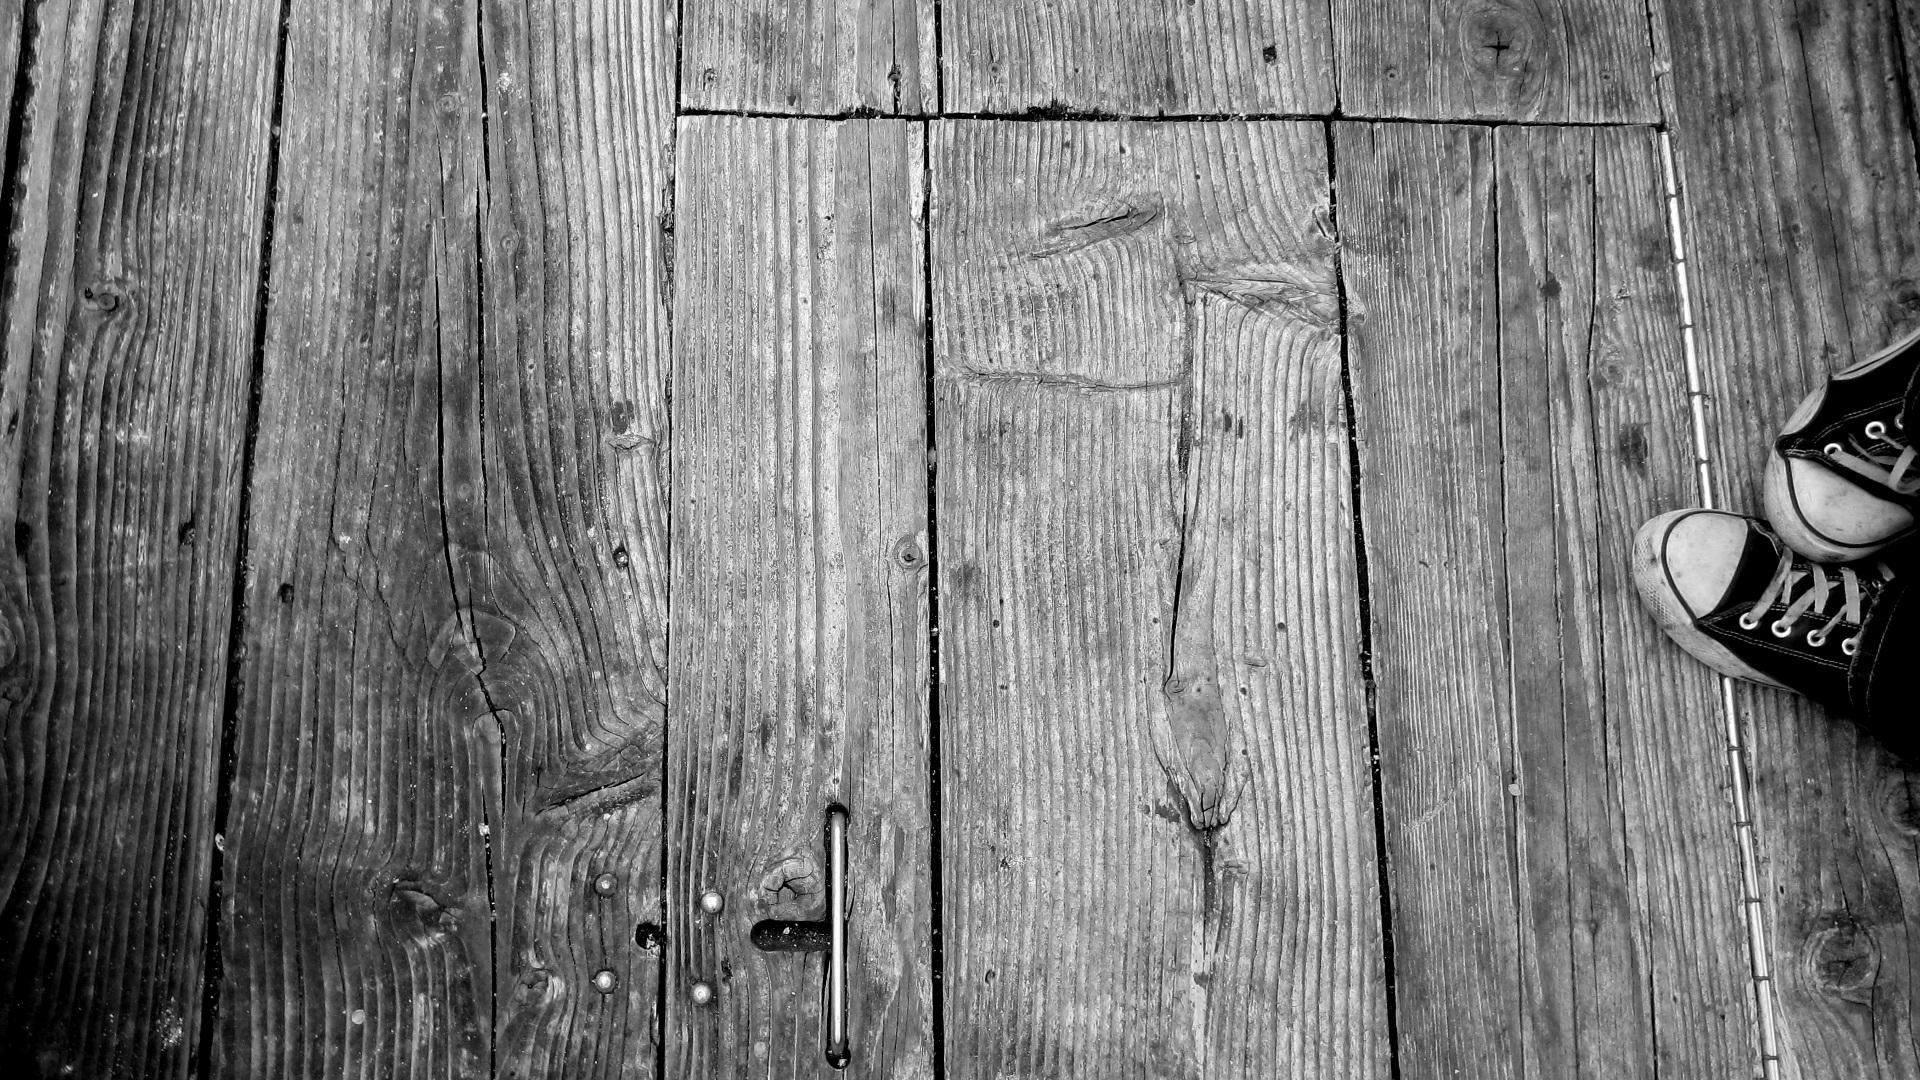 Schuhe, Boden, Holz, Schnürsenkel, Schritte - Wallpaper HD - Prof.-falken.com